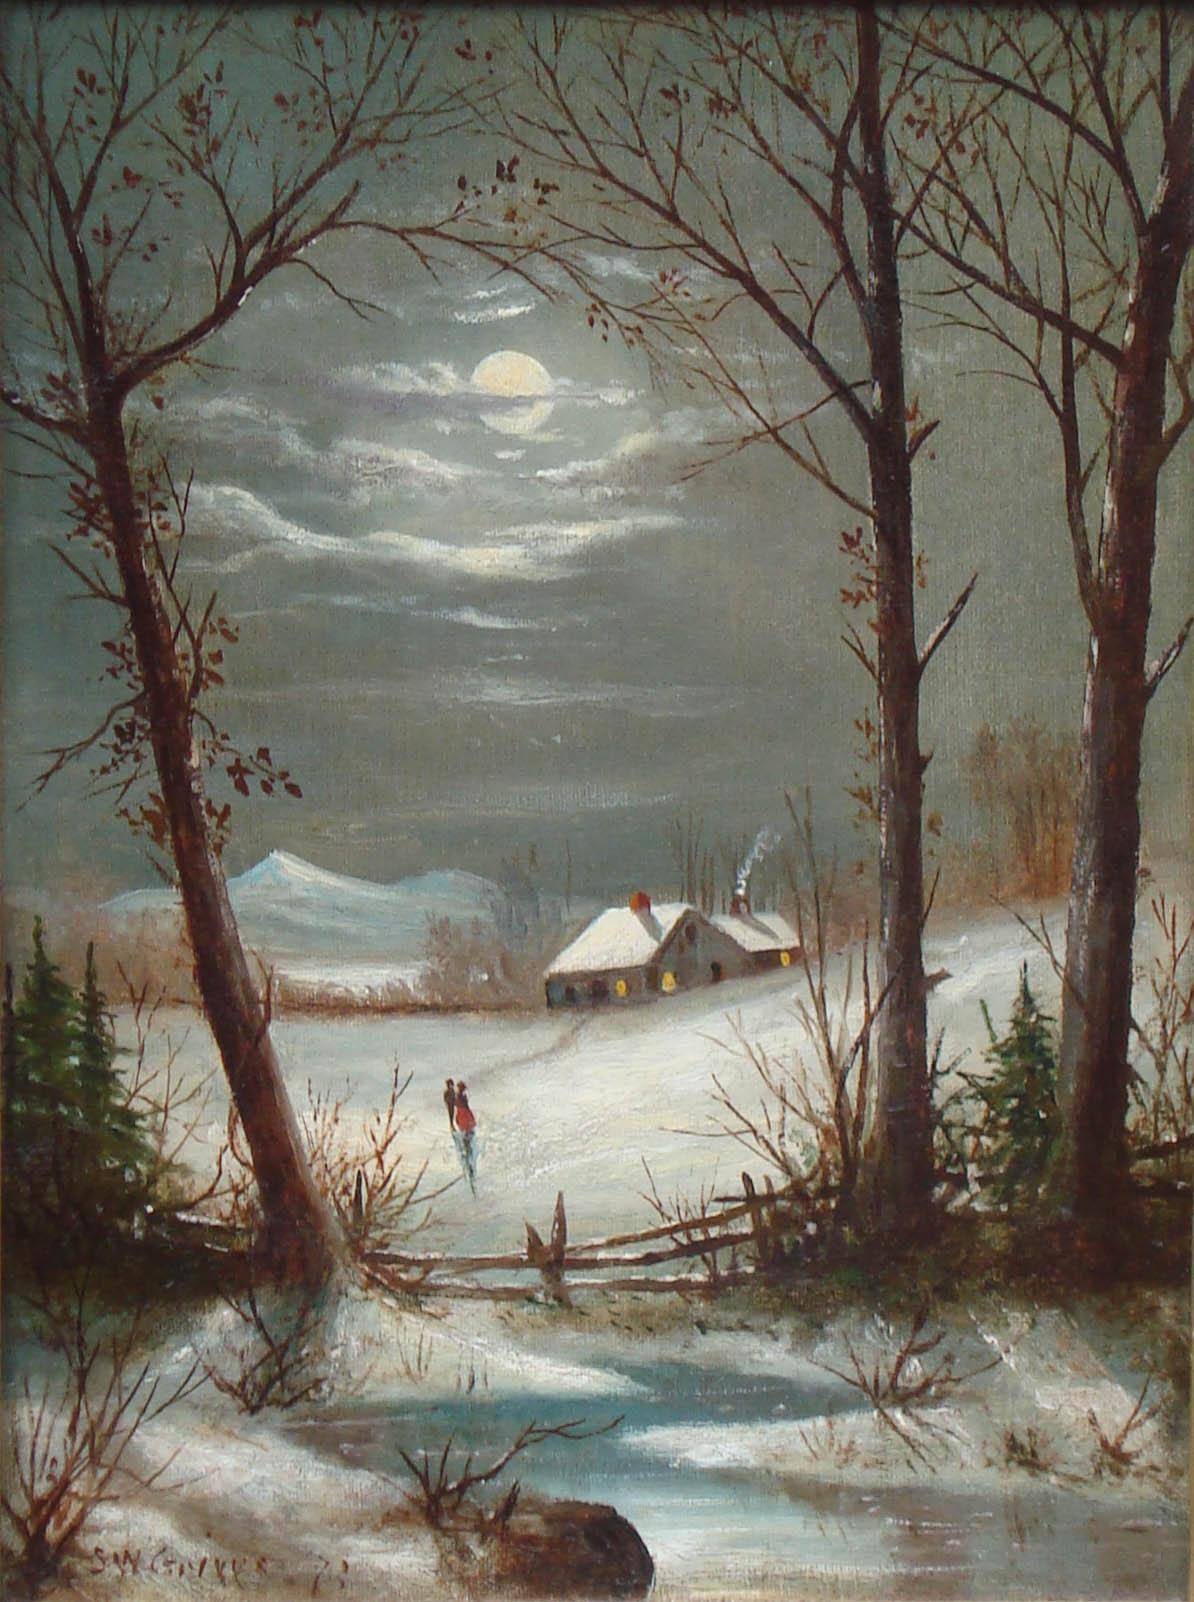 [Mount Washington Winter Scene]